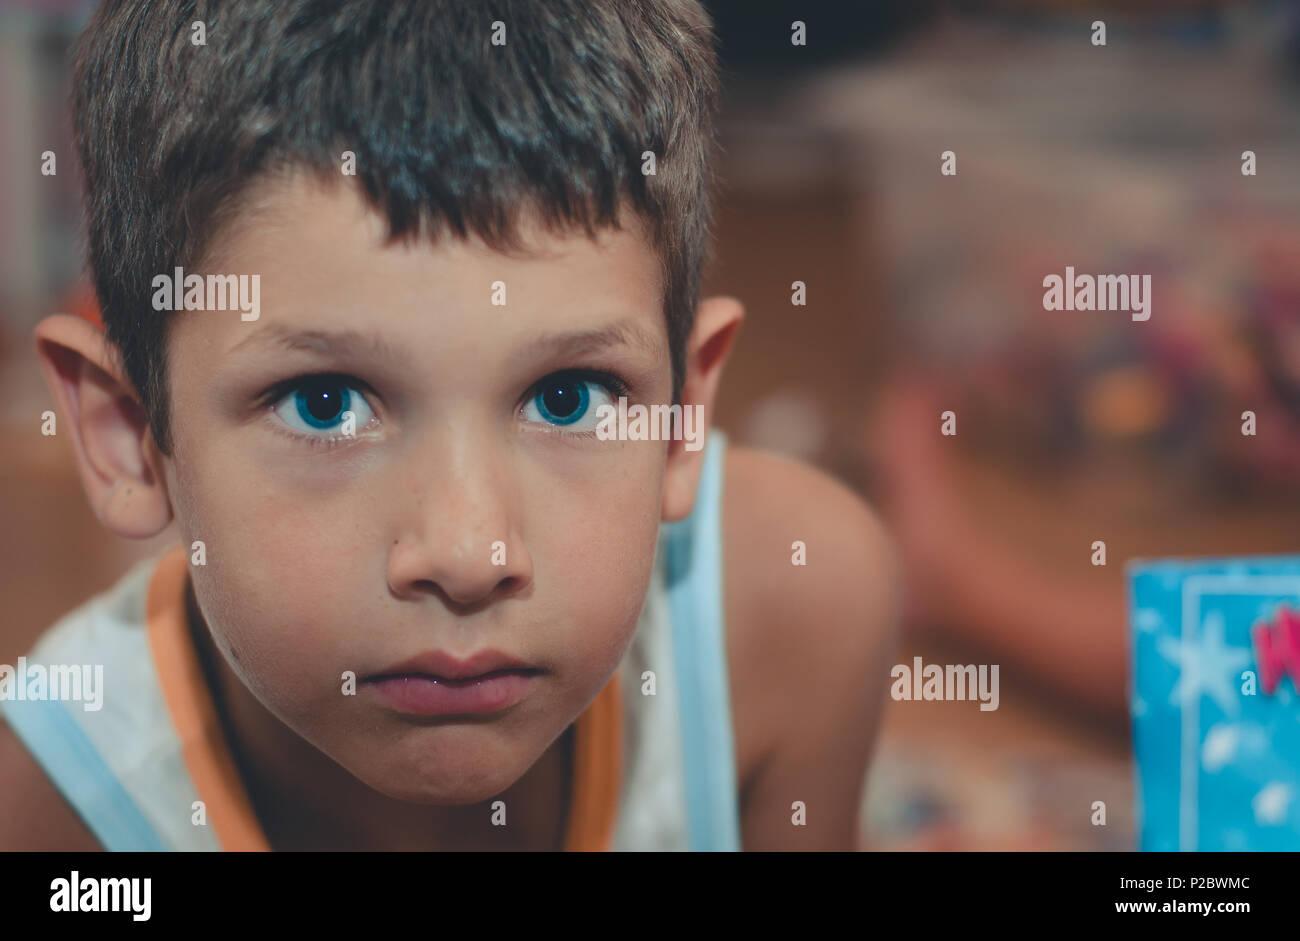 Portrait von Kind mit blauen Augen und mit intensiven Stare Stockfoto